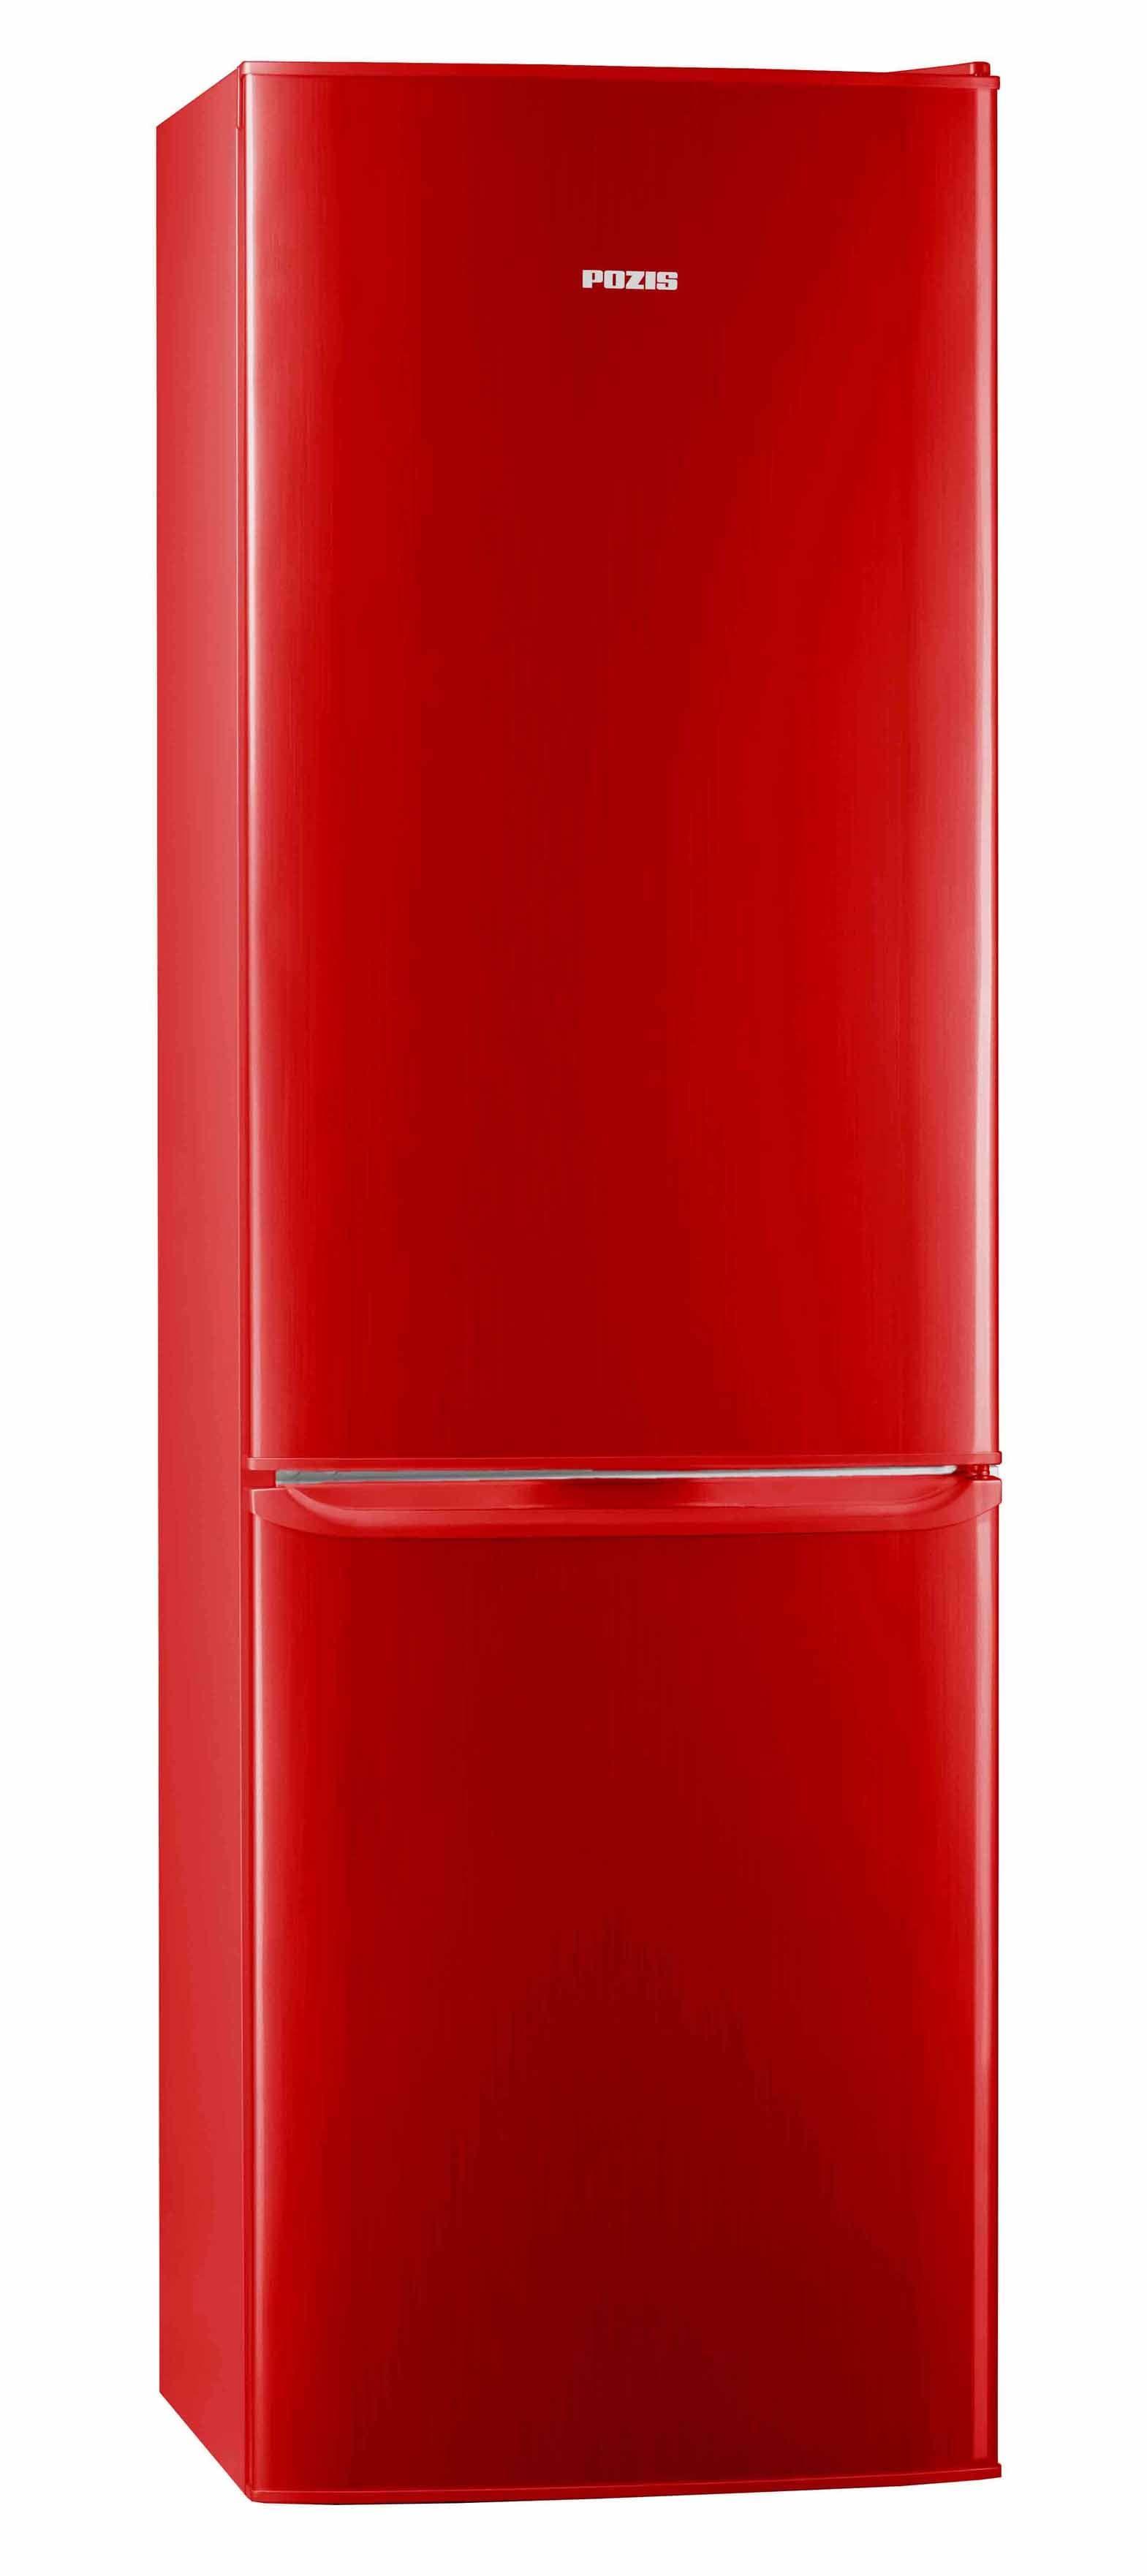 Шкаф холодильный RD-149 рубиновый